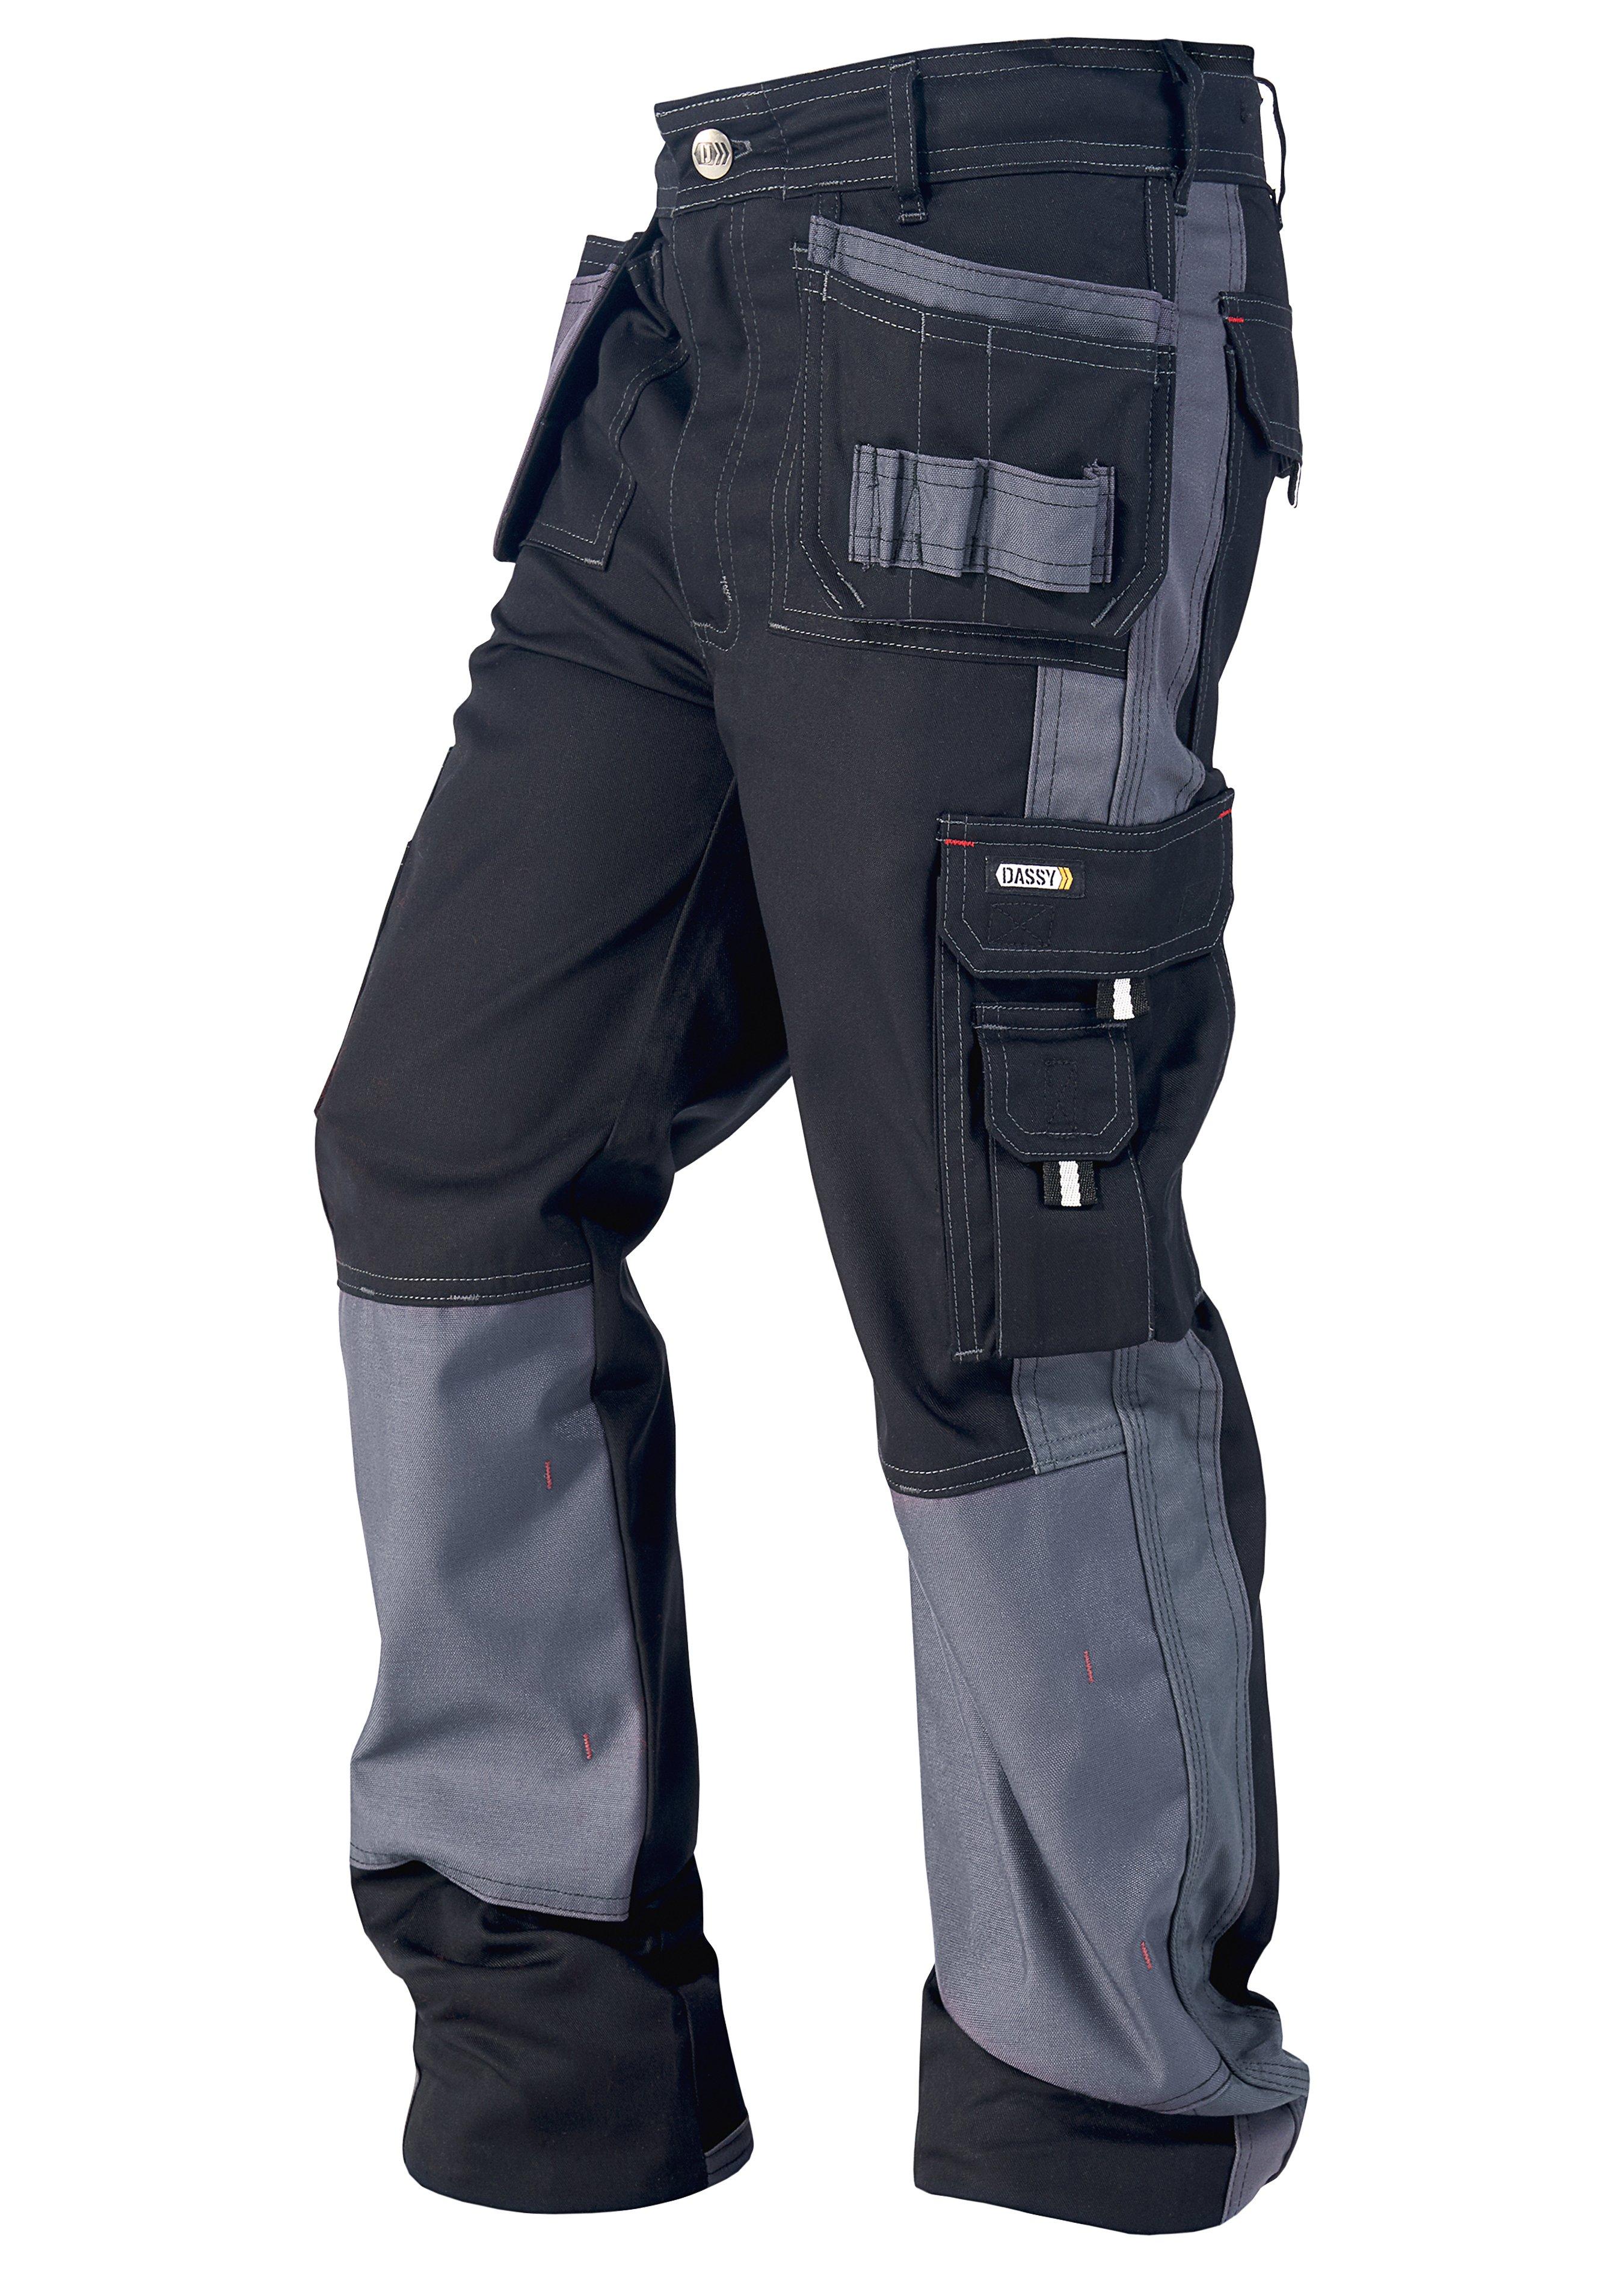 Pantalon de travail Seattle enfants 253112122 1